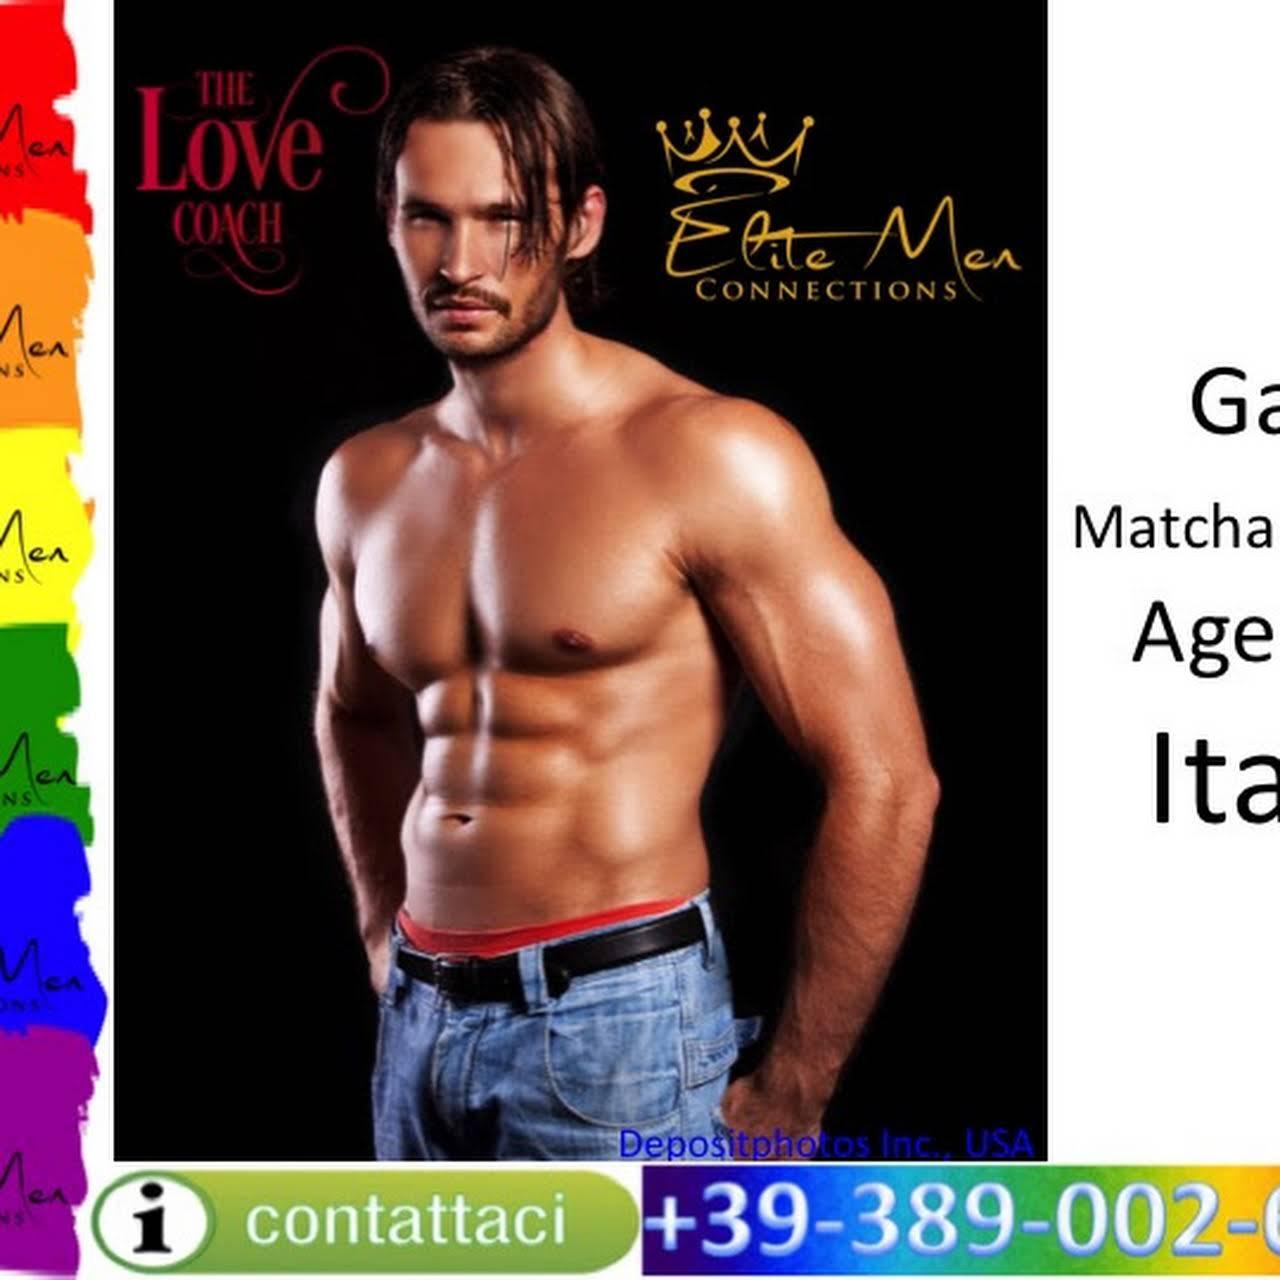 Incontri gay e uomini a Como.